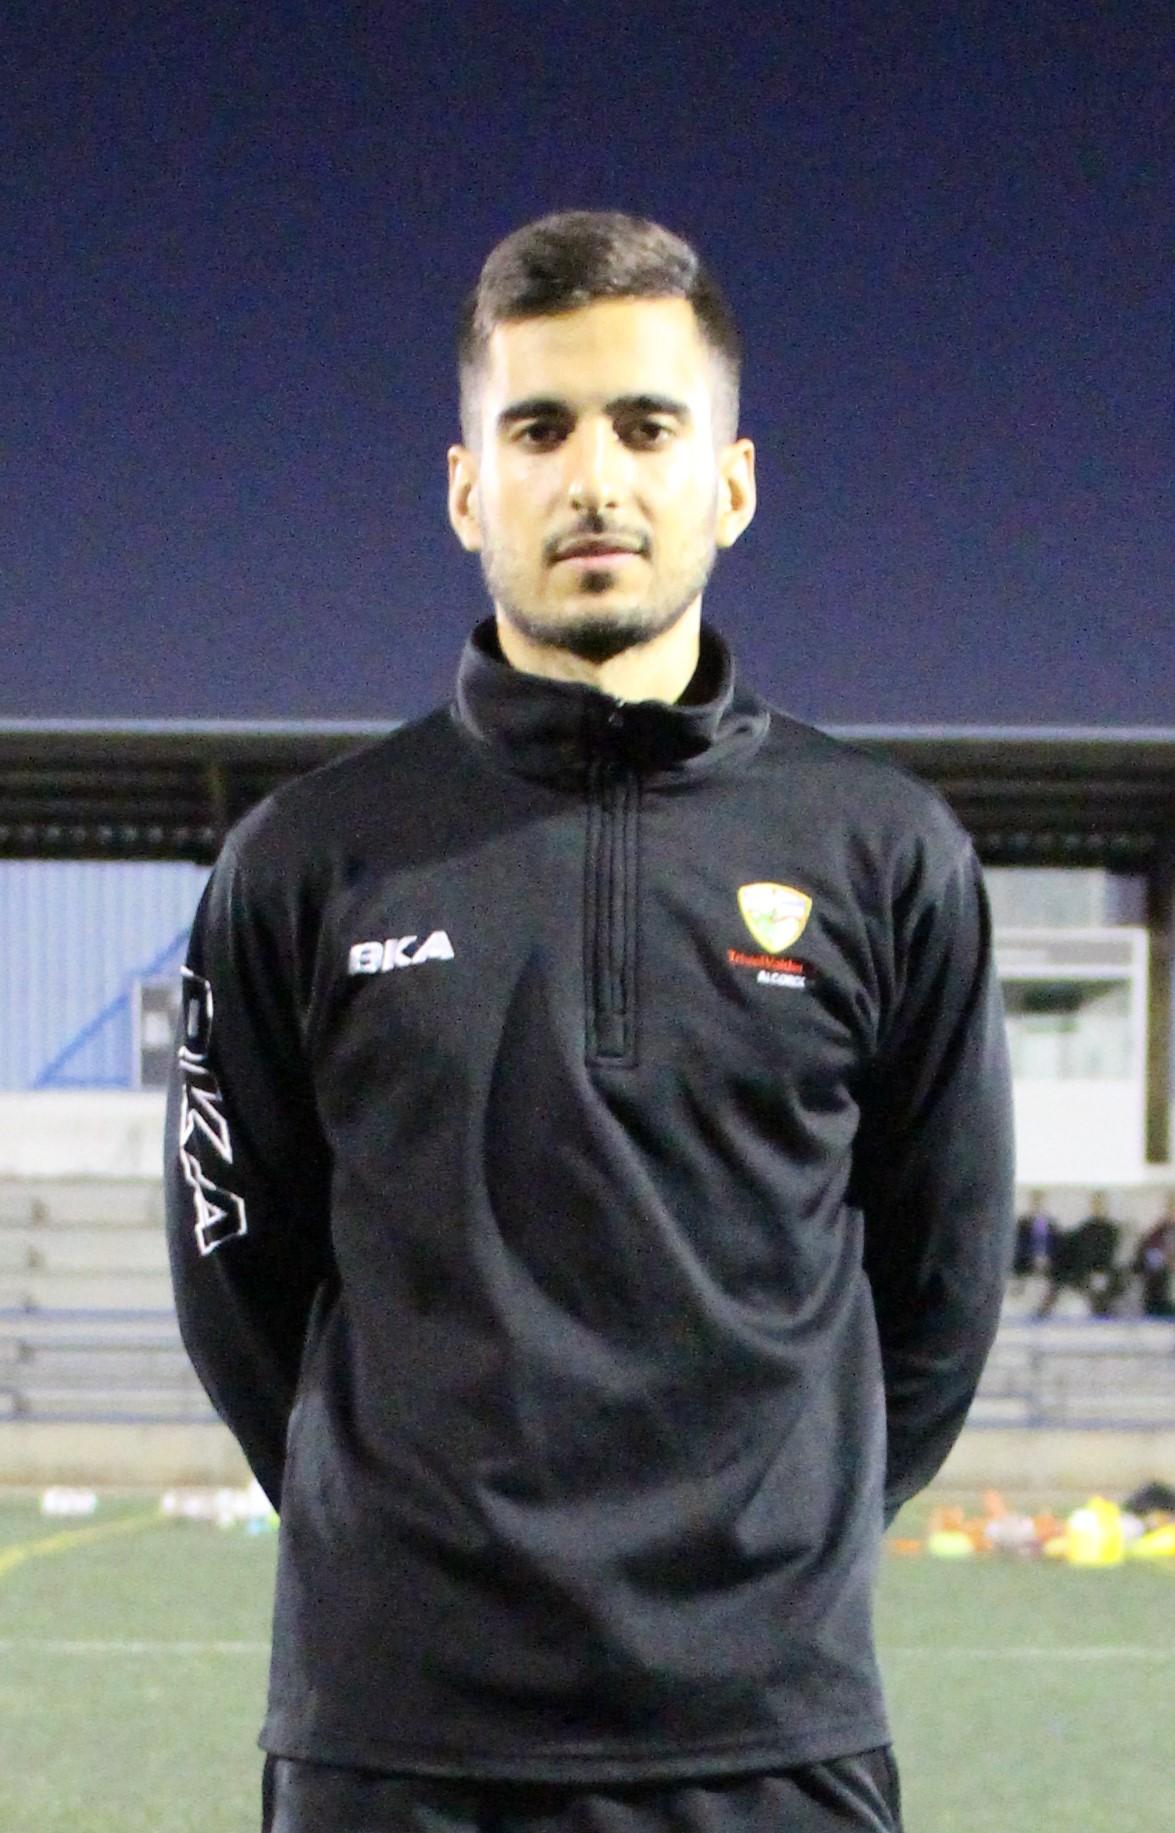 – Antonio José Valle (Ñete)